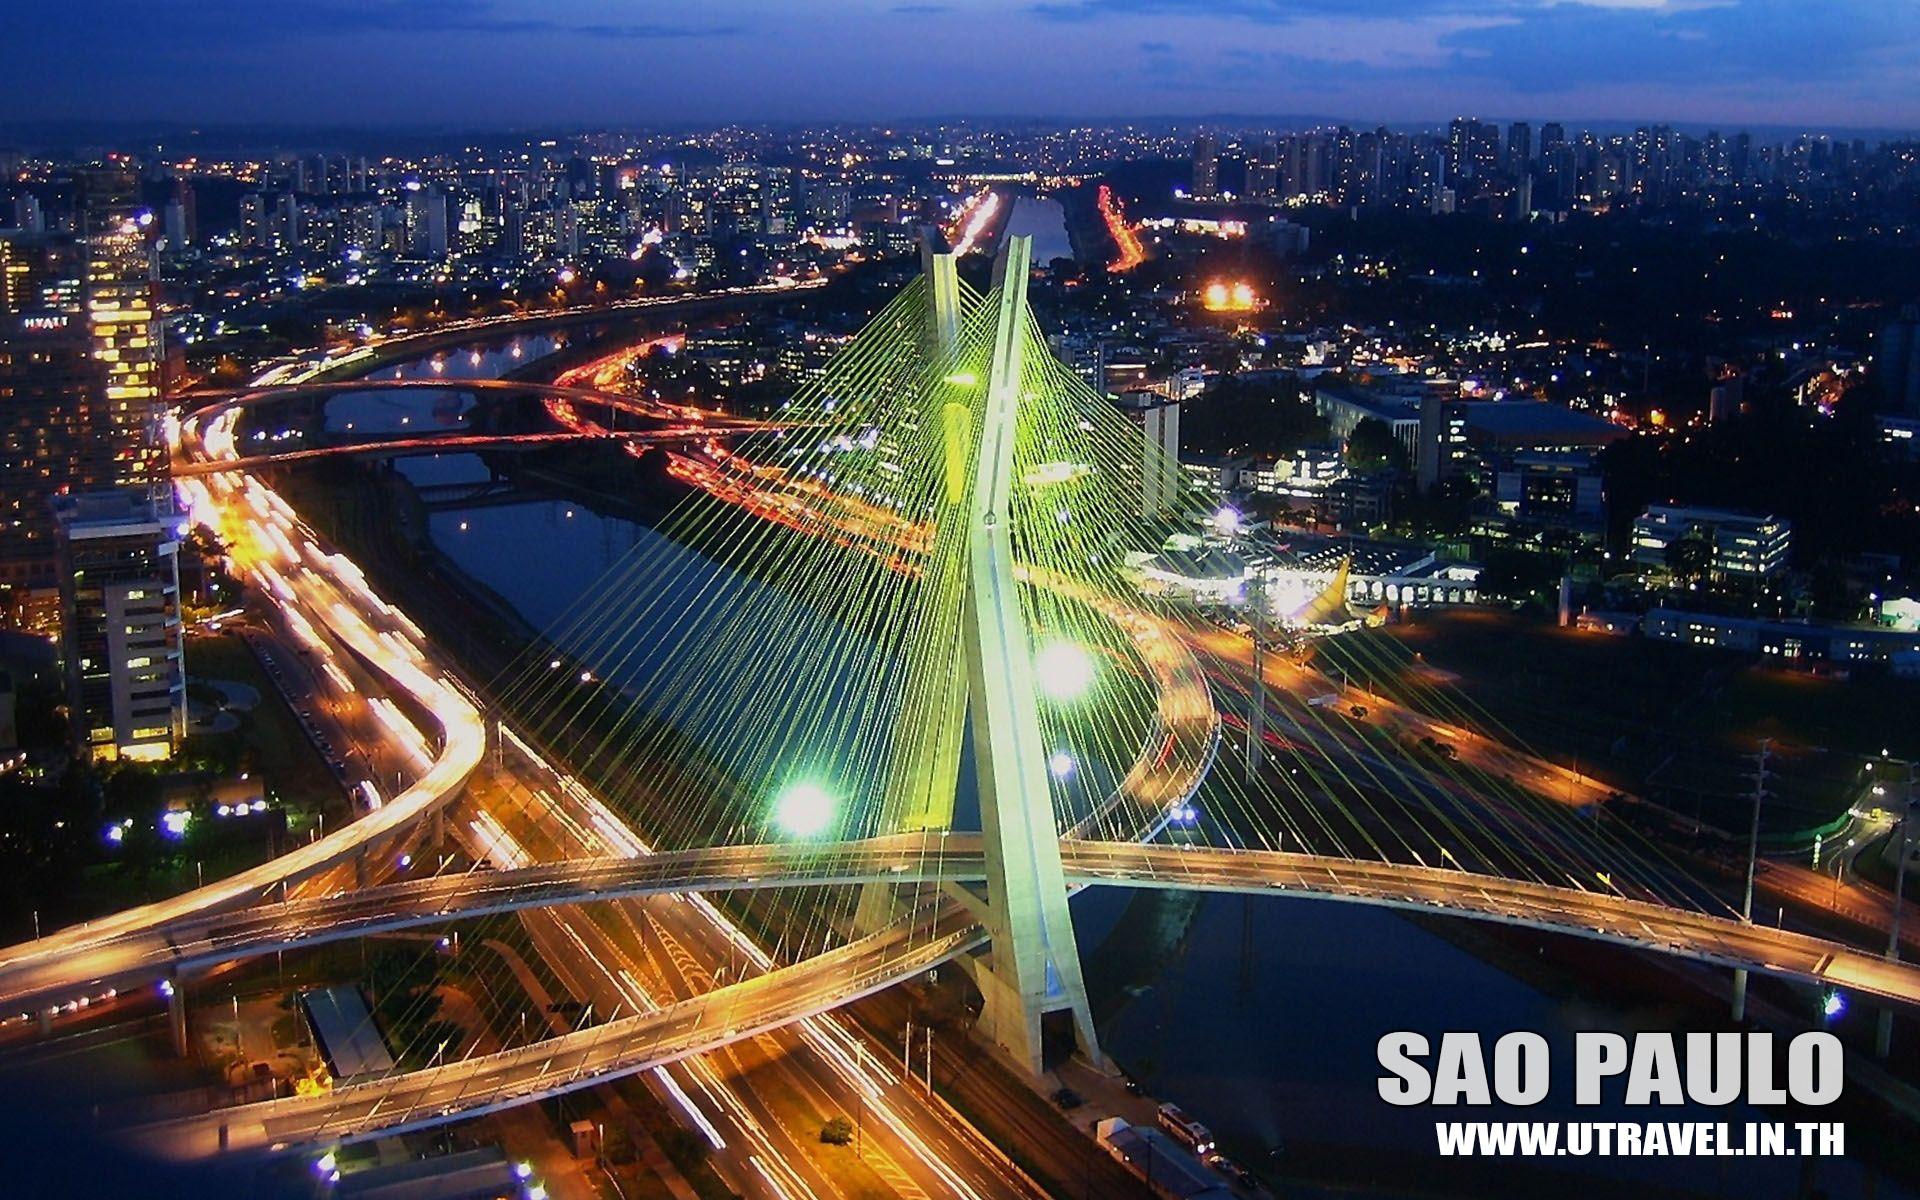 ทัวร์อเมริกาใต้ 20 วัน ฉลองเทศกาลคาร์นิวัล บราซิล